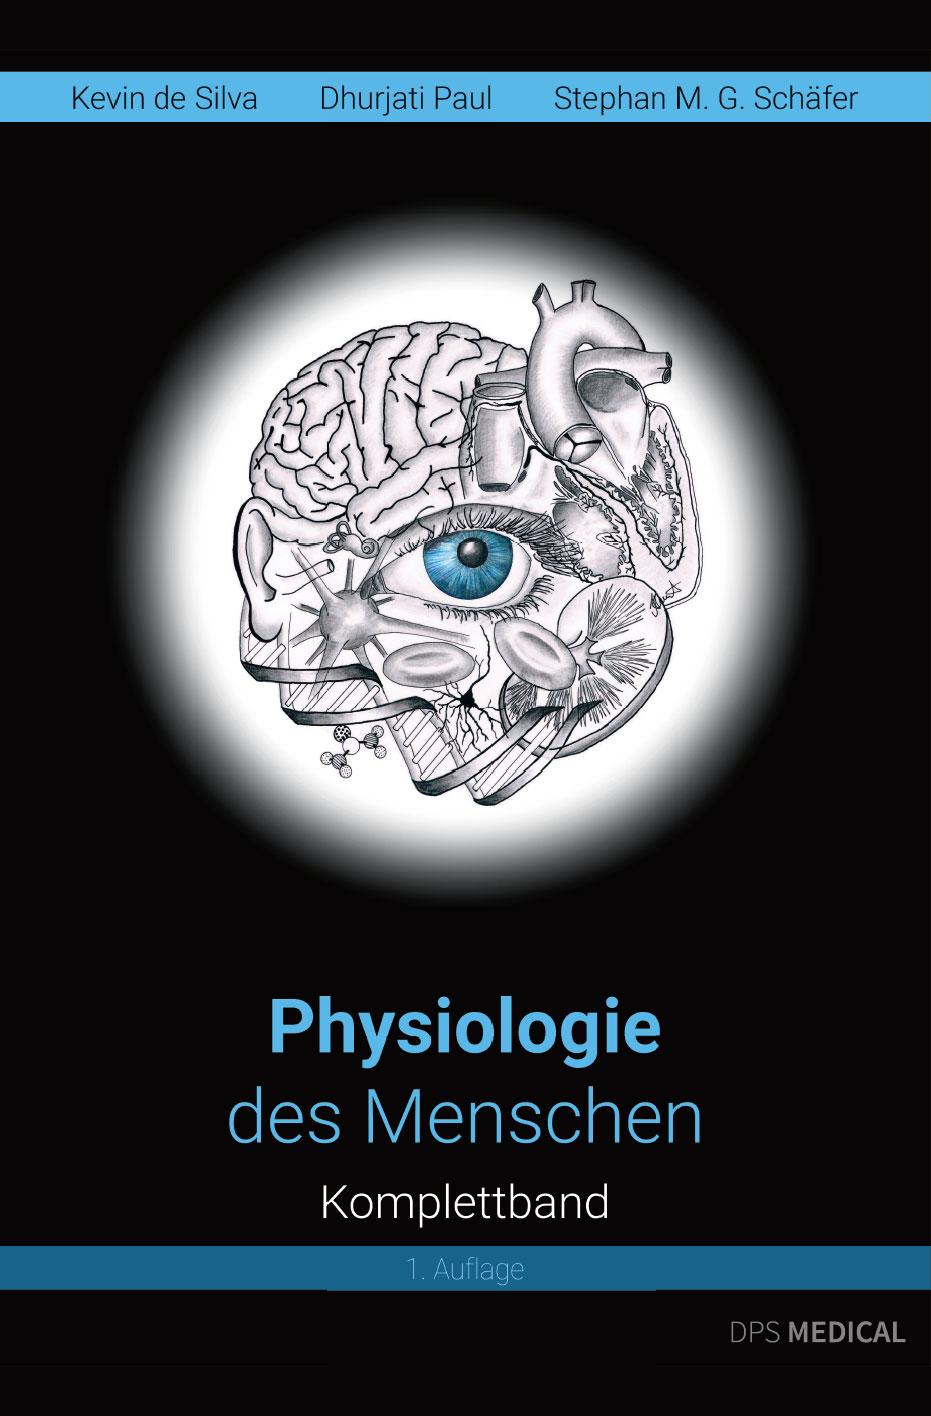 Physiologie des Menschen, Komplettband